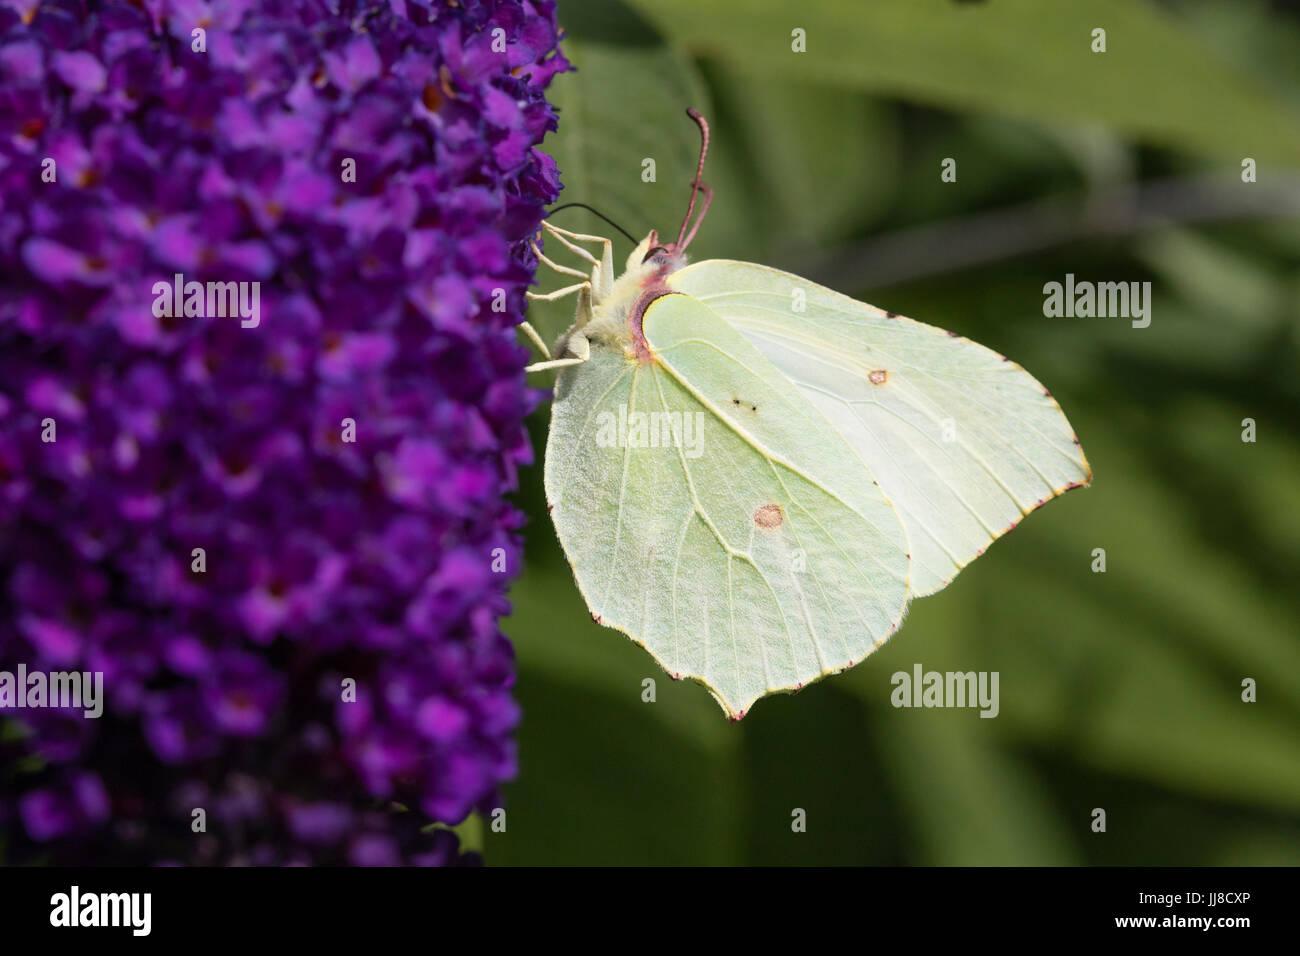 """Weibliche Brimstone Schmetterling, Gonepteryx Rhamni, Fütterung auf die Blume Rispe von Buddleja Davidii """"Dreaming Stockbild"""